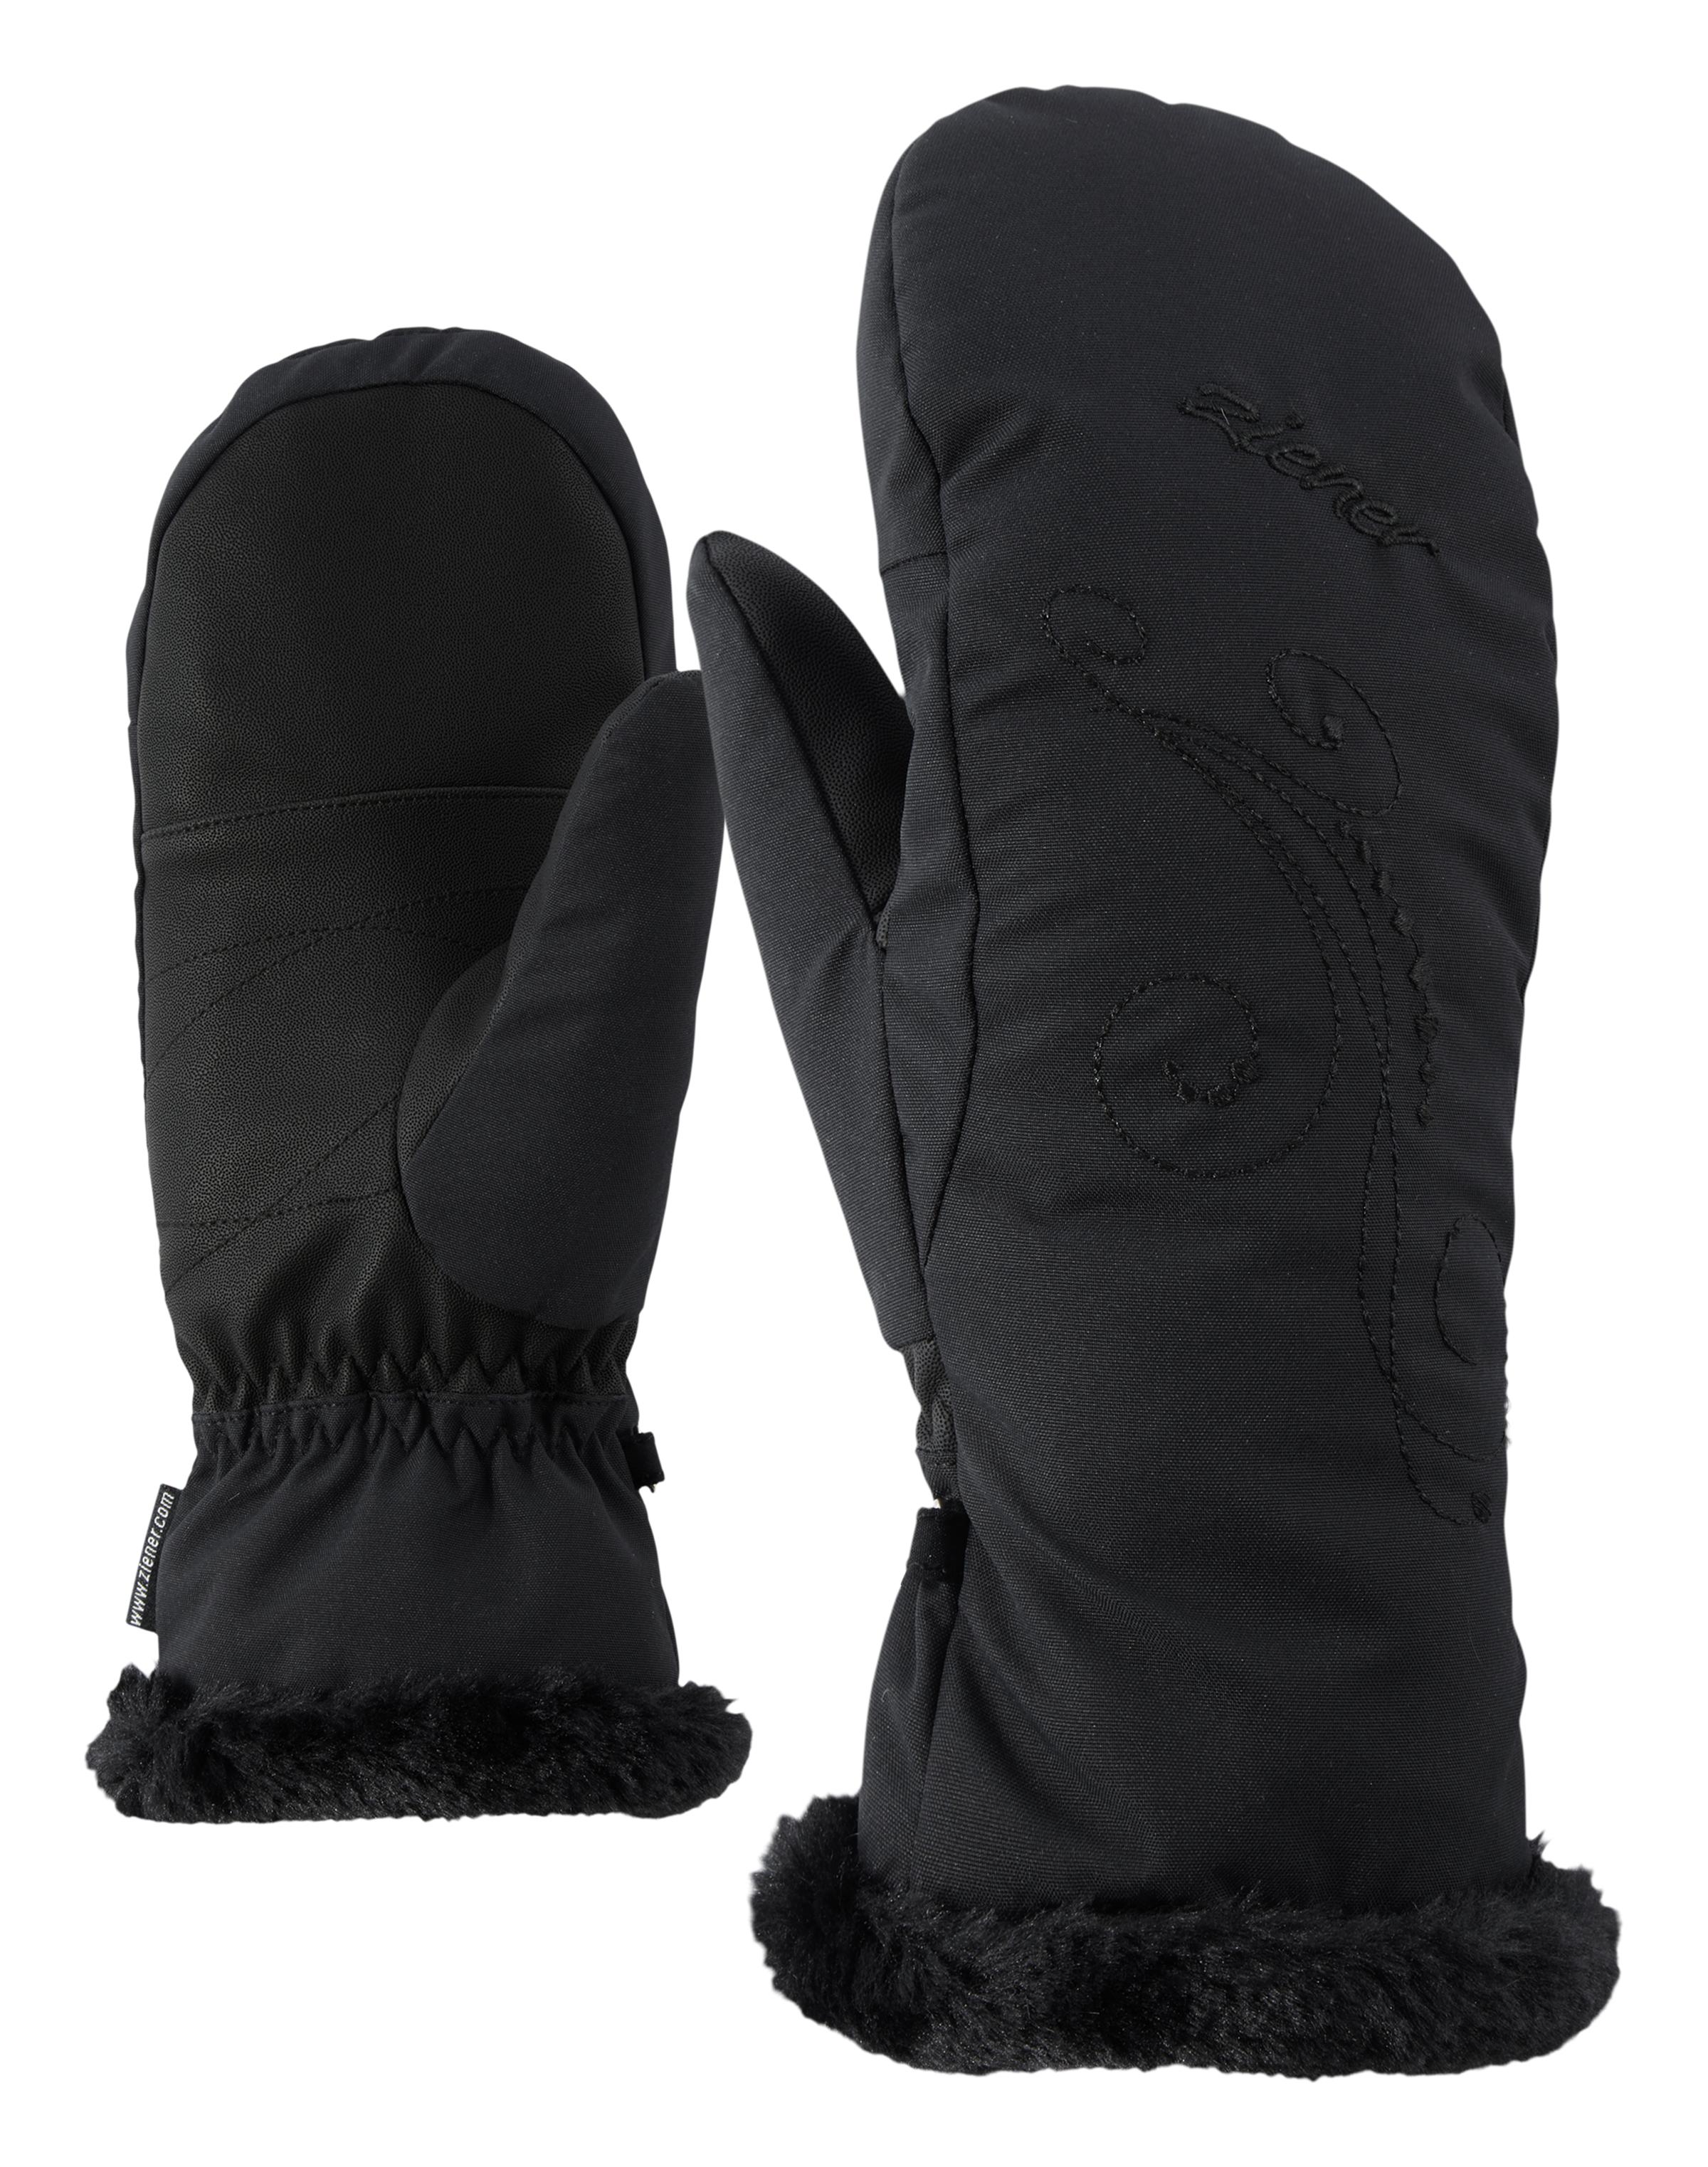 Ziener KIRANA MITTEN LADY, ženske smučarske rokavice, črna